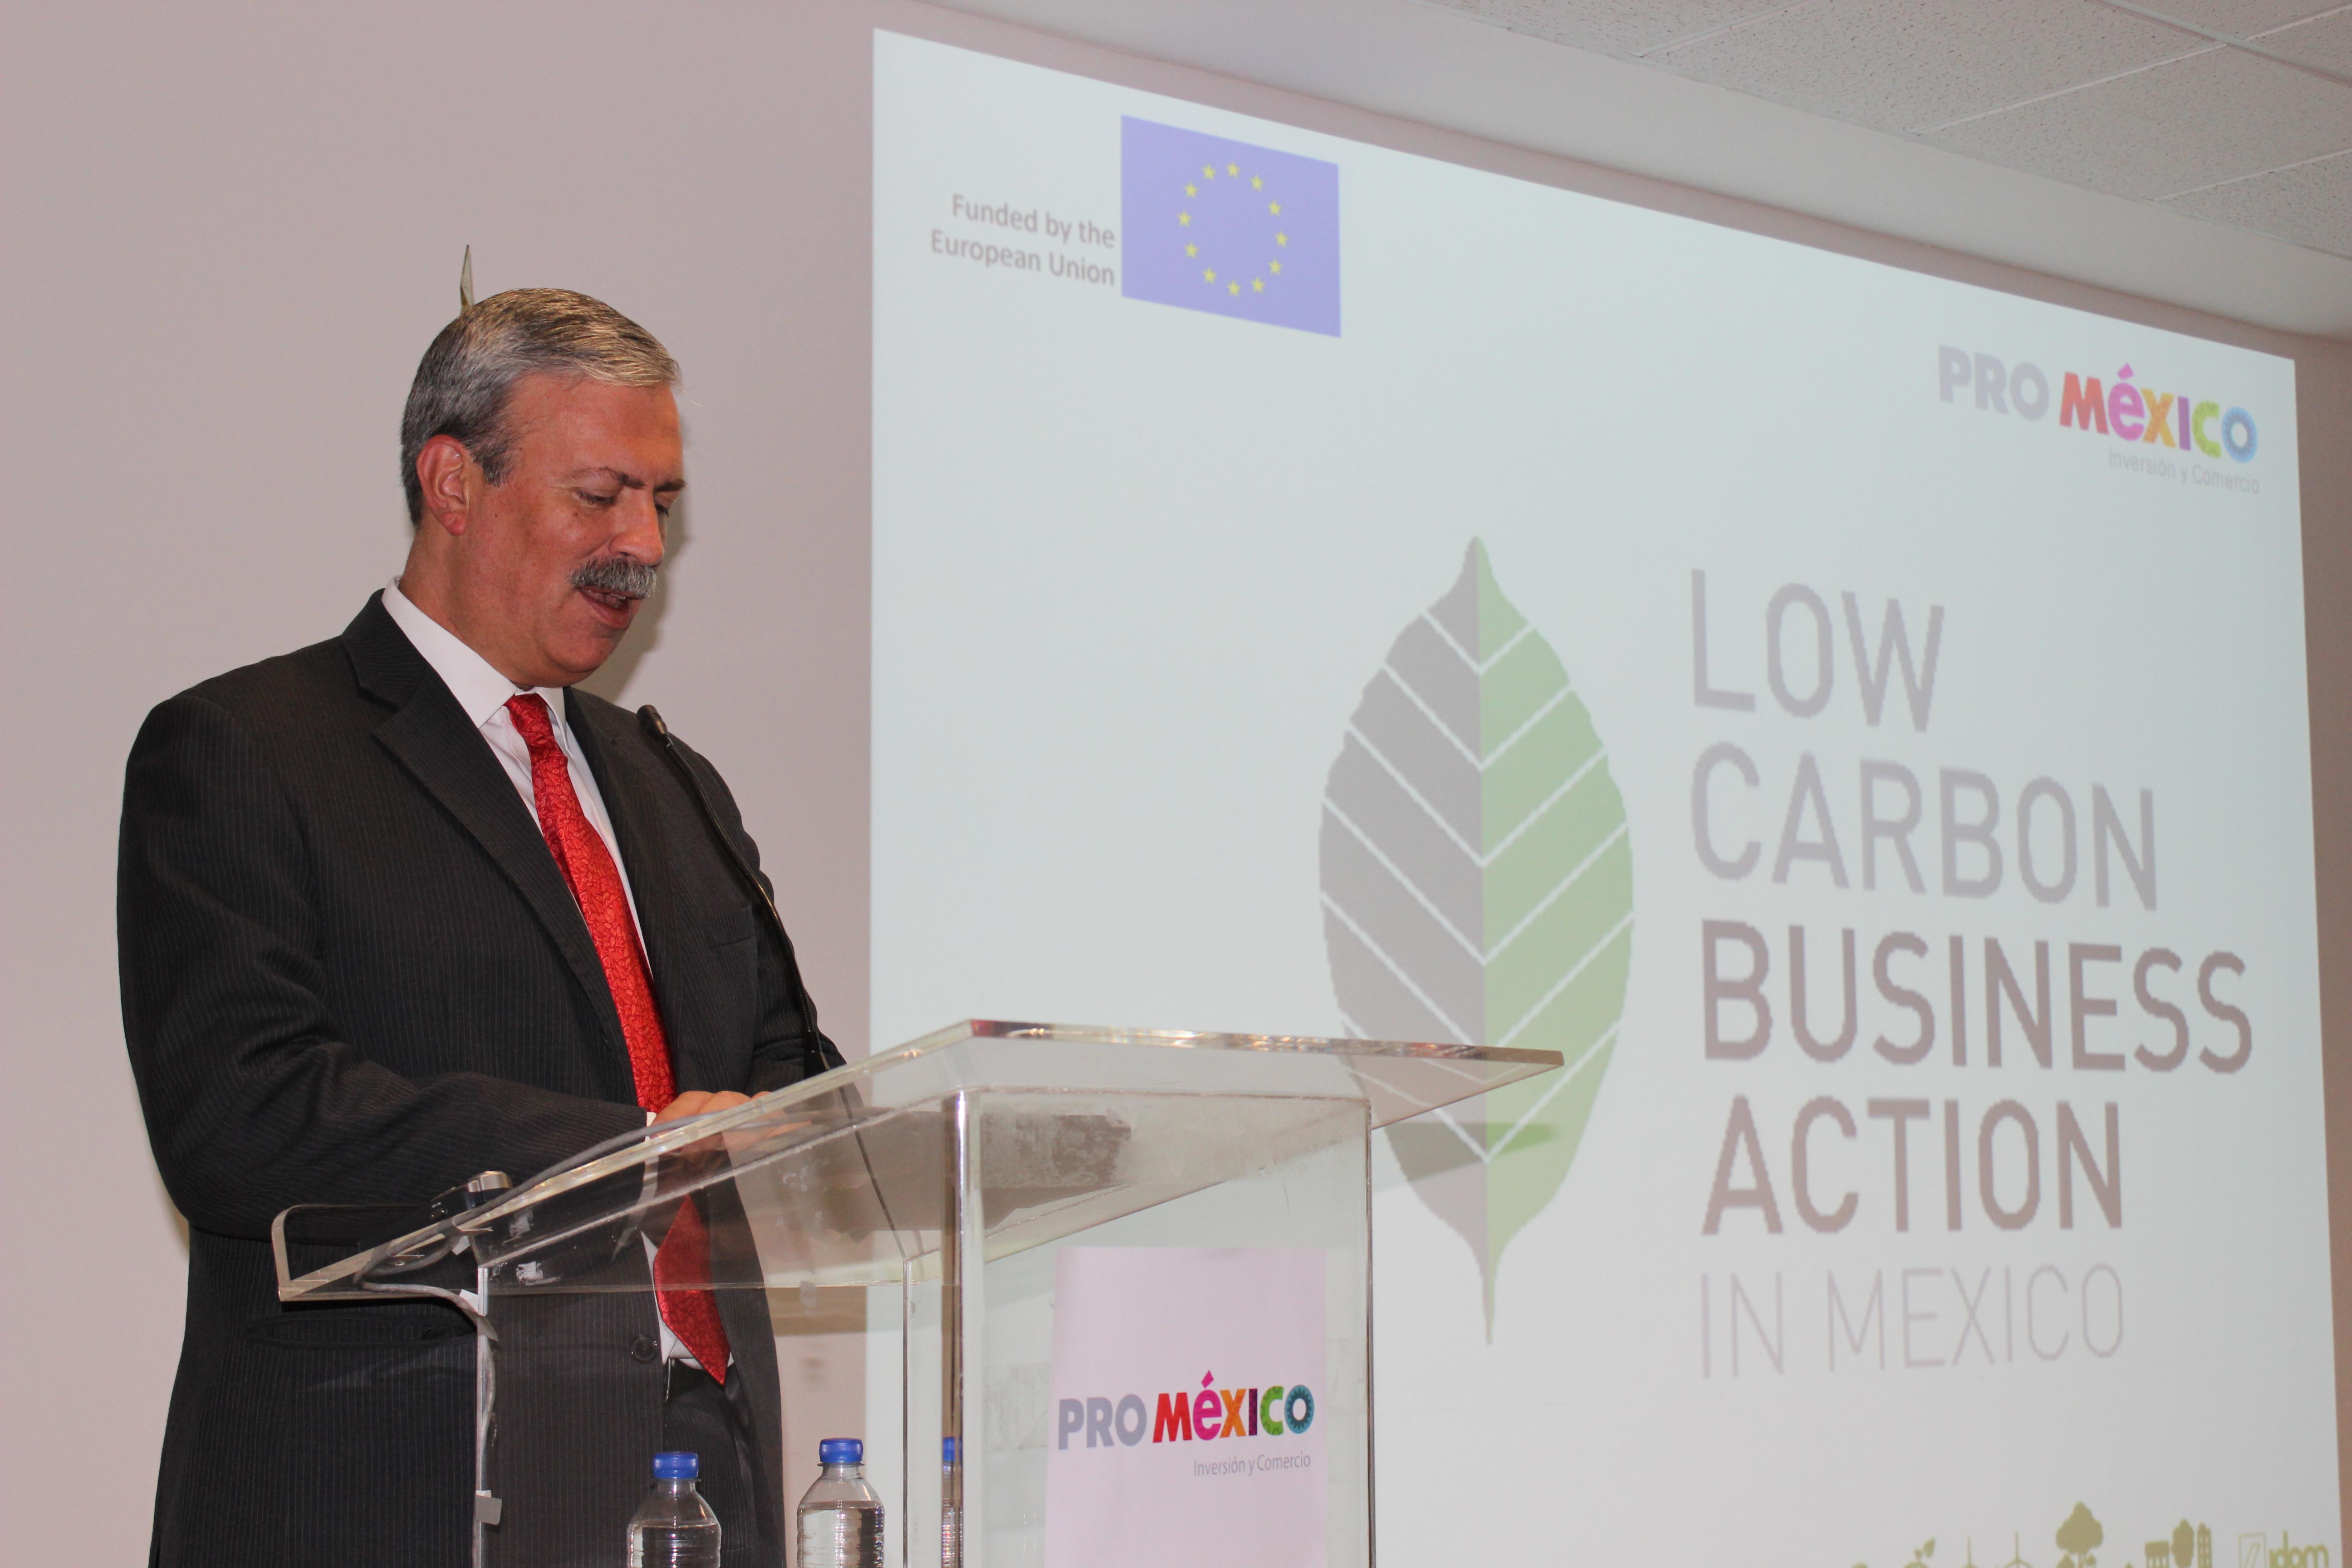 """Anuncian la Unión Europea y ProMéxico proyecto """"Low Carbon Business Action in Mexico"""